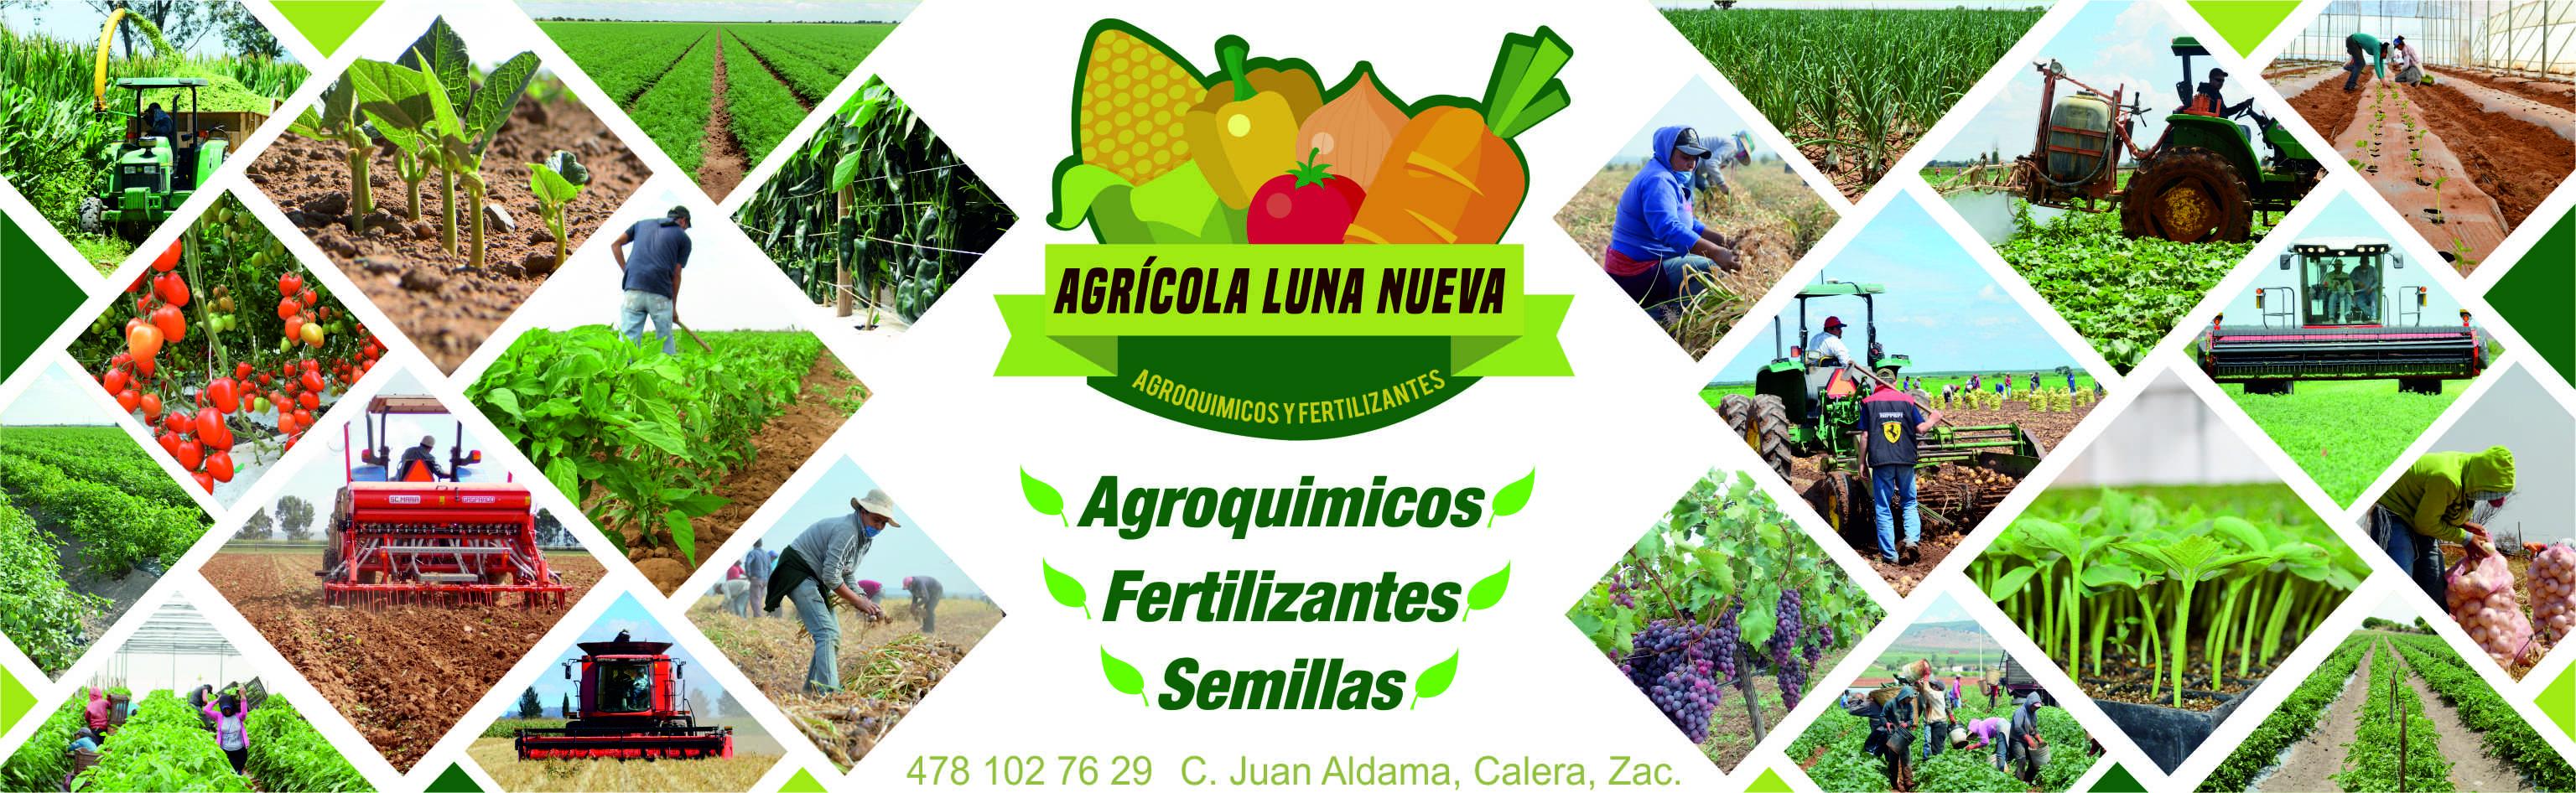 Agricola Luna Nueva